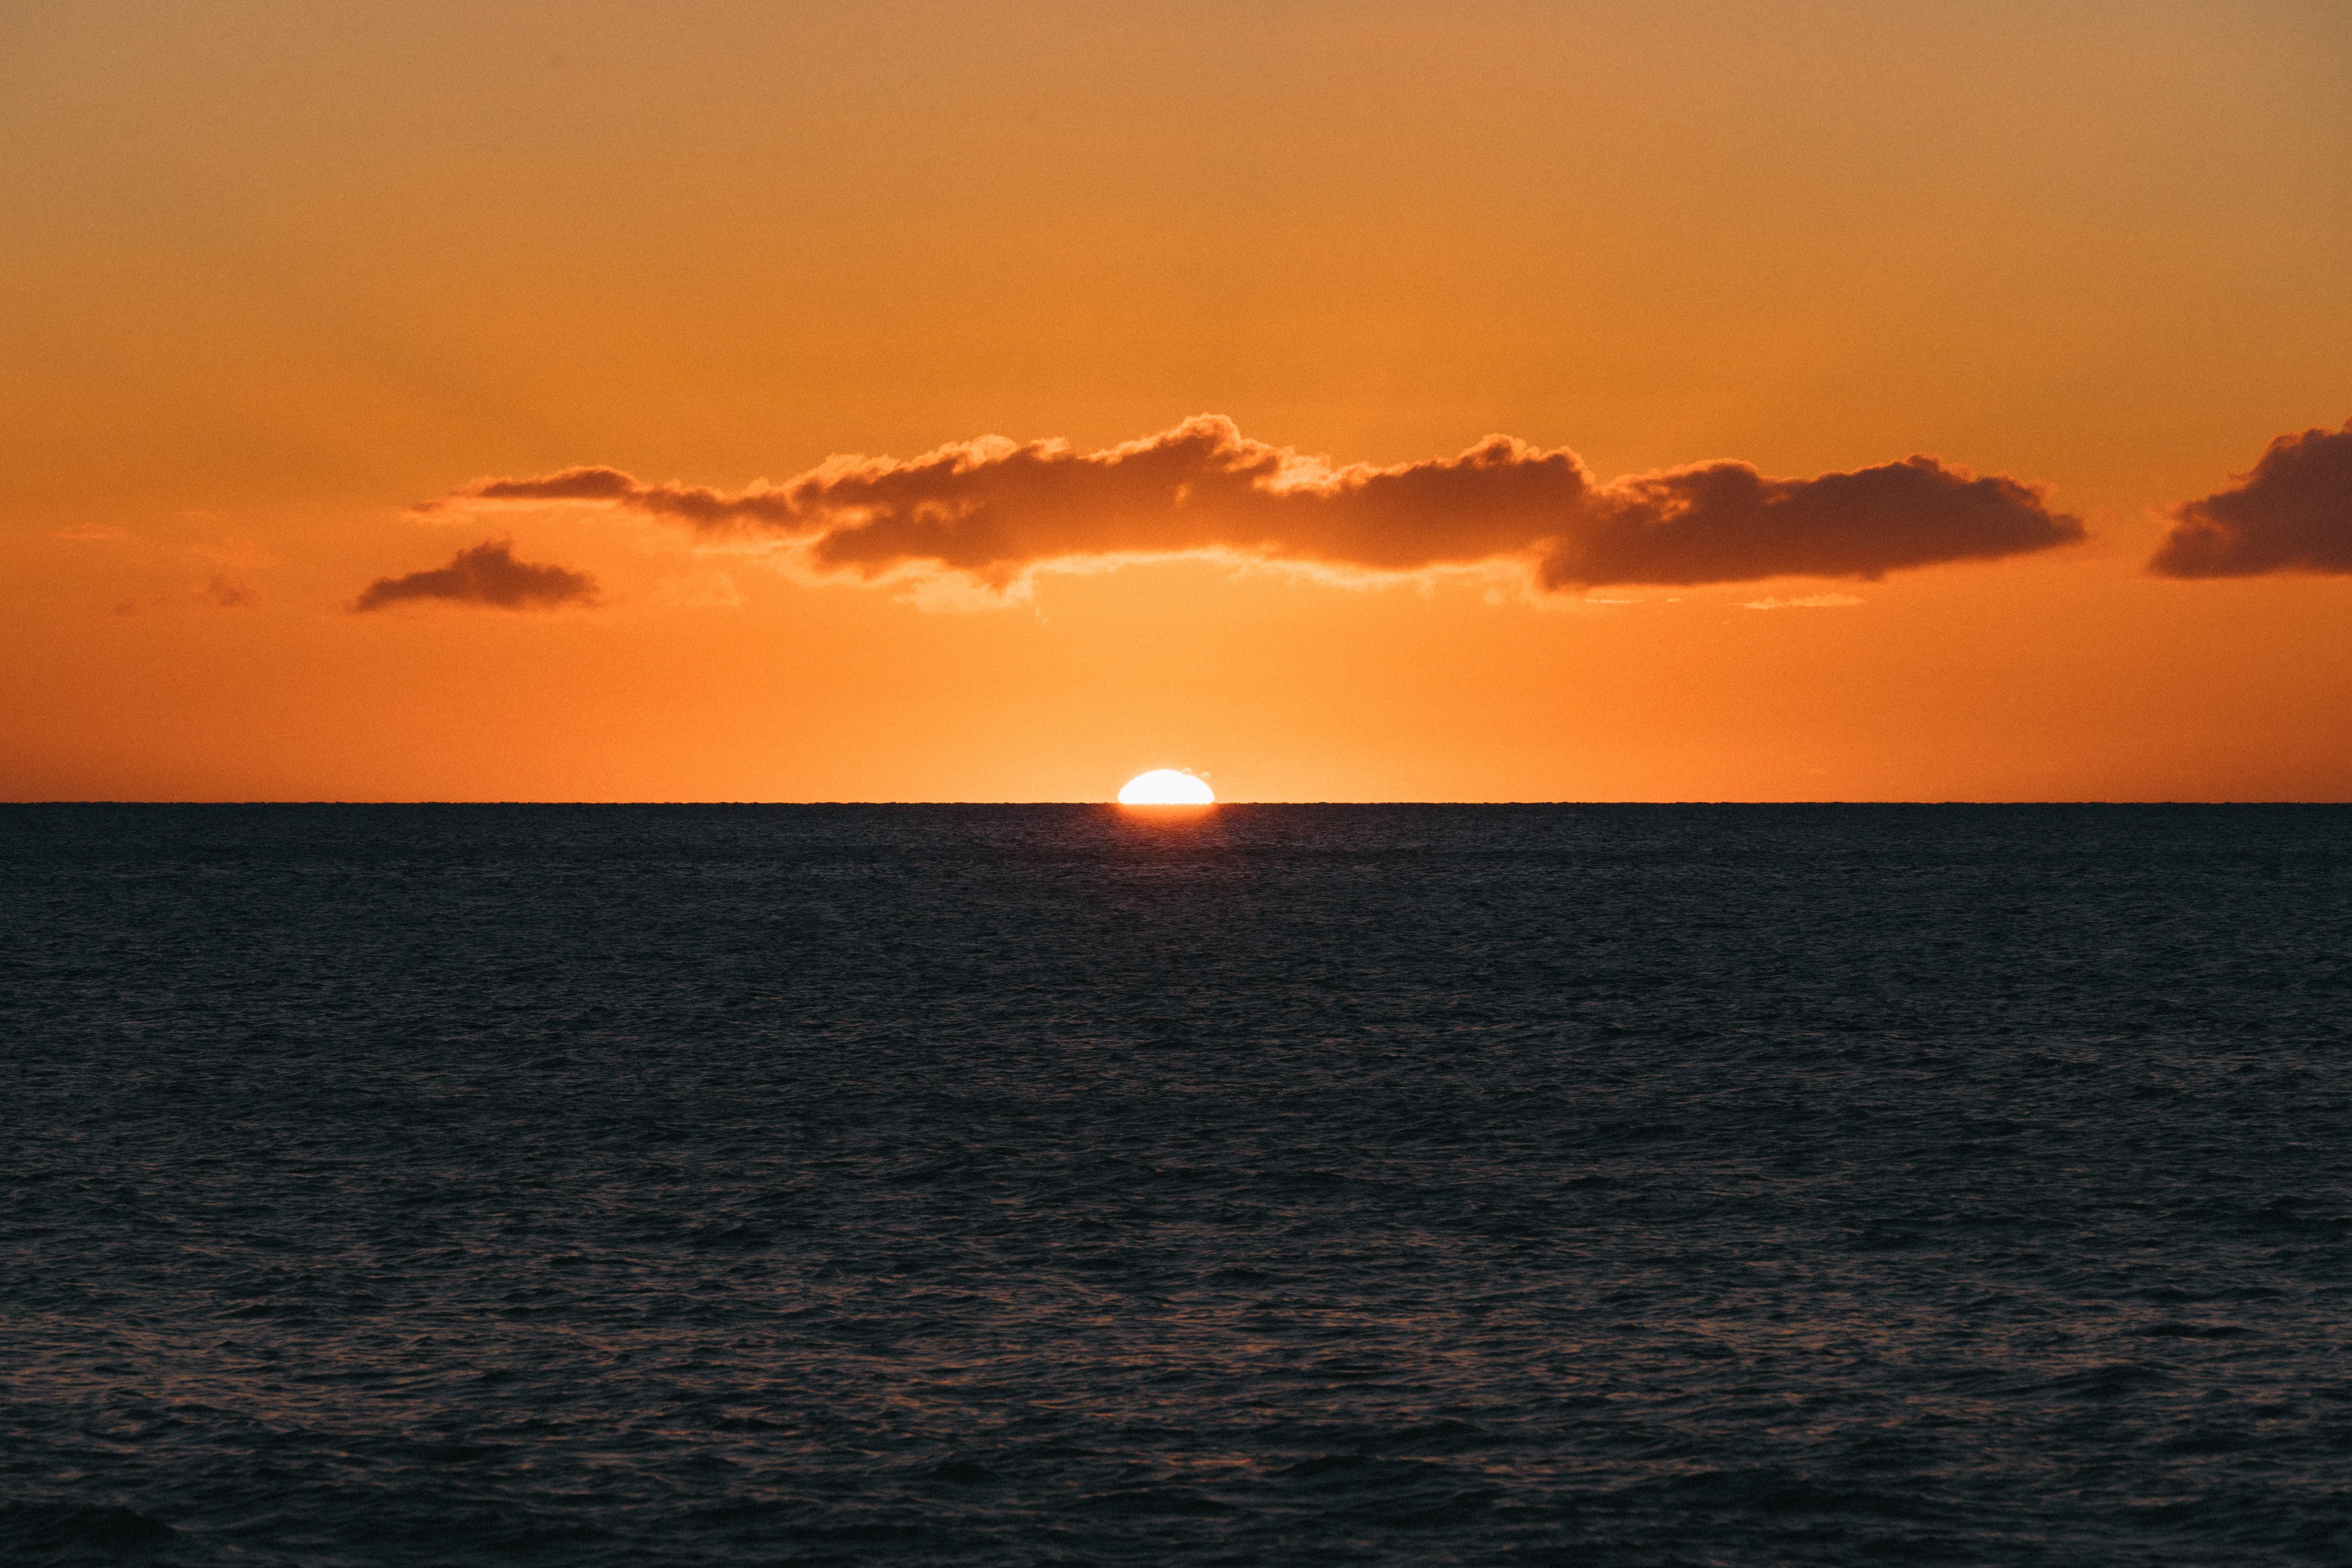 sunset ocean 1574937664 - Sunset Ocean -